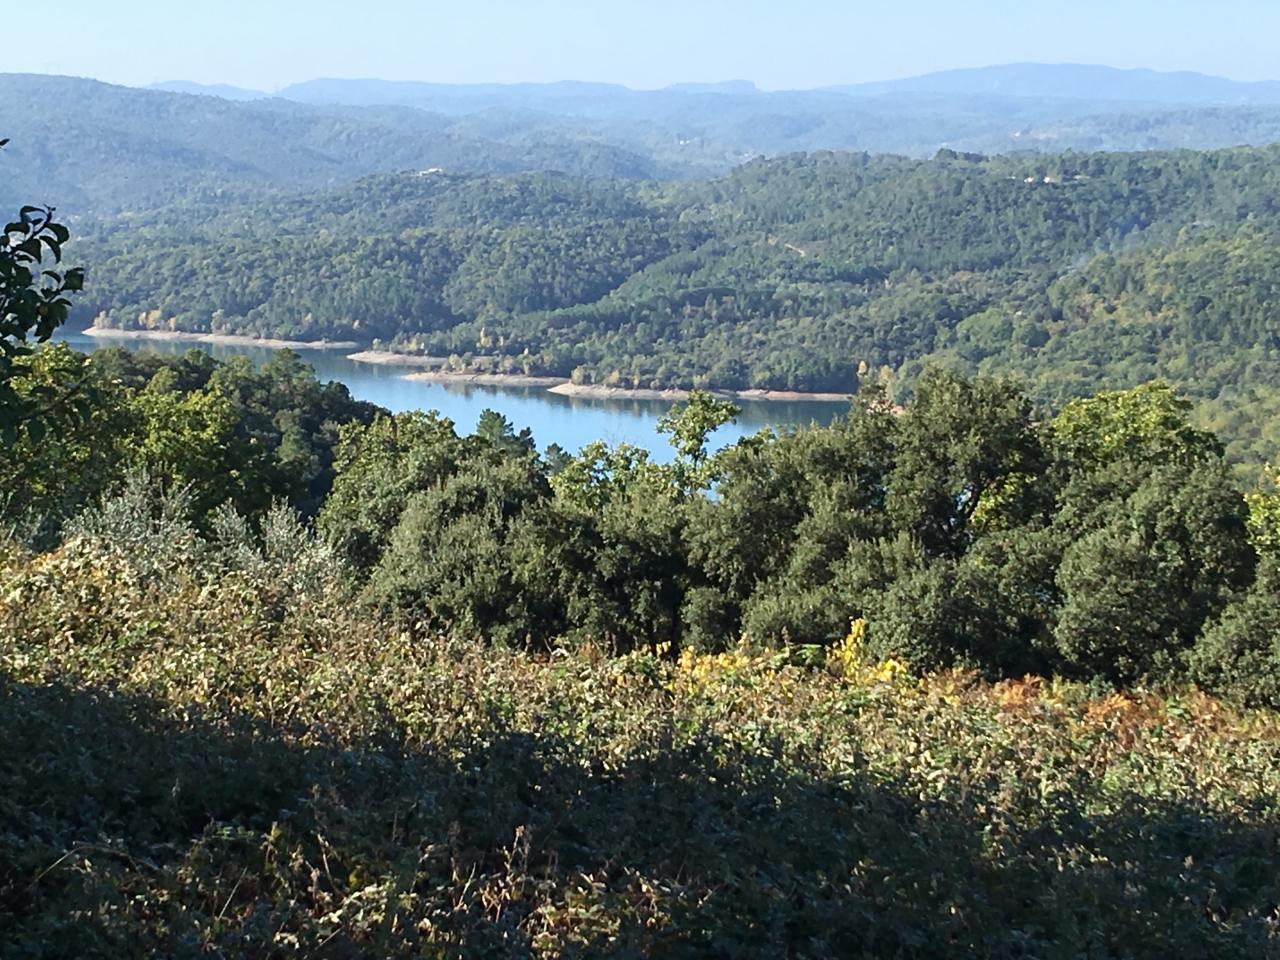 31/10 Lac de St Cassien